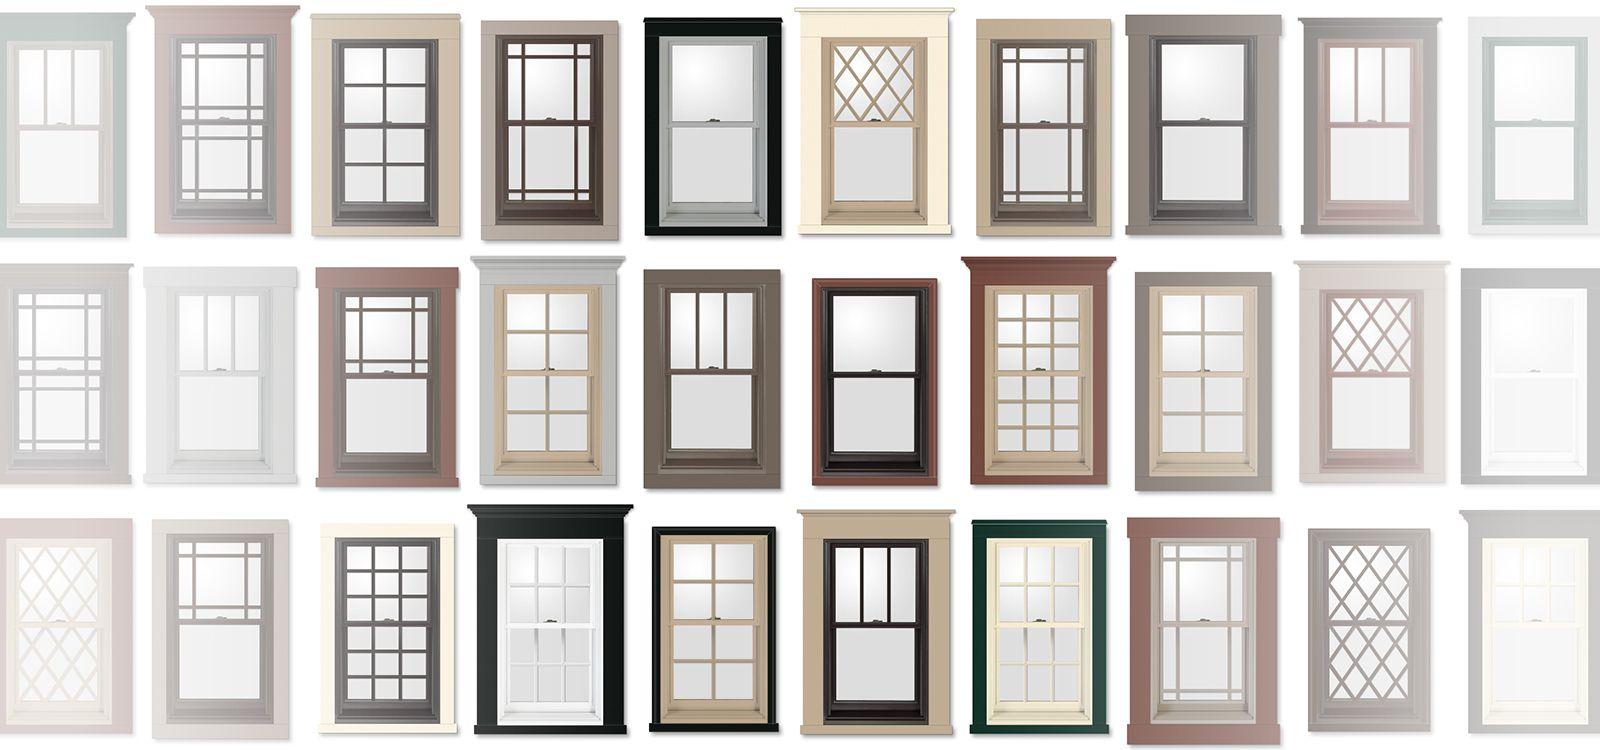 Home Window Design Home Design Ideas House Window Design Replacement Window Styles Window Grill Design